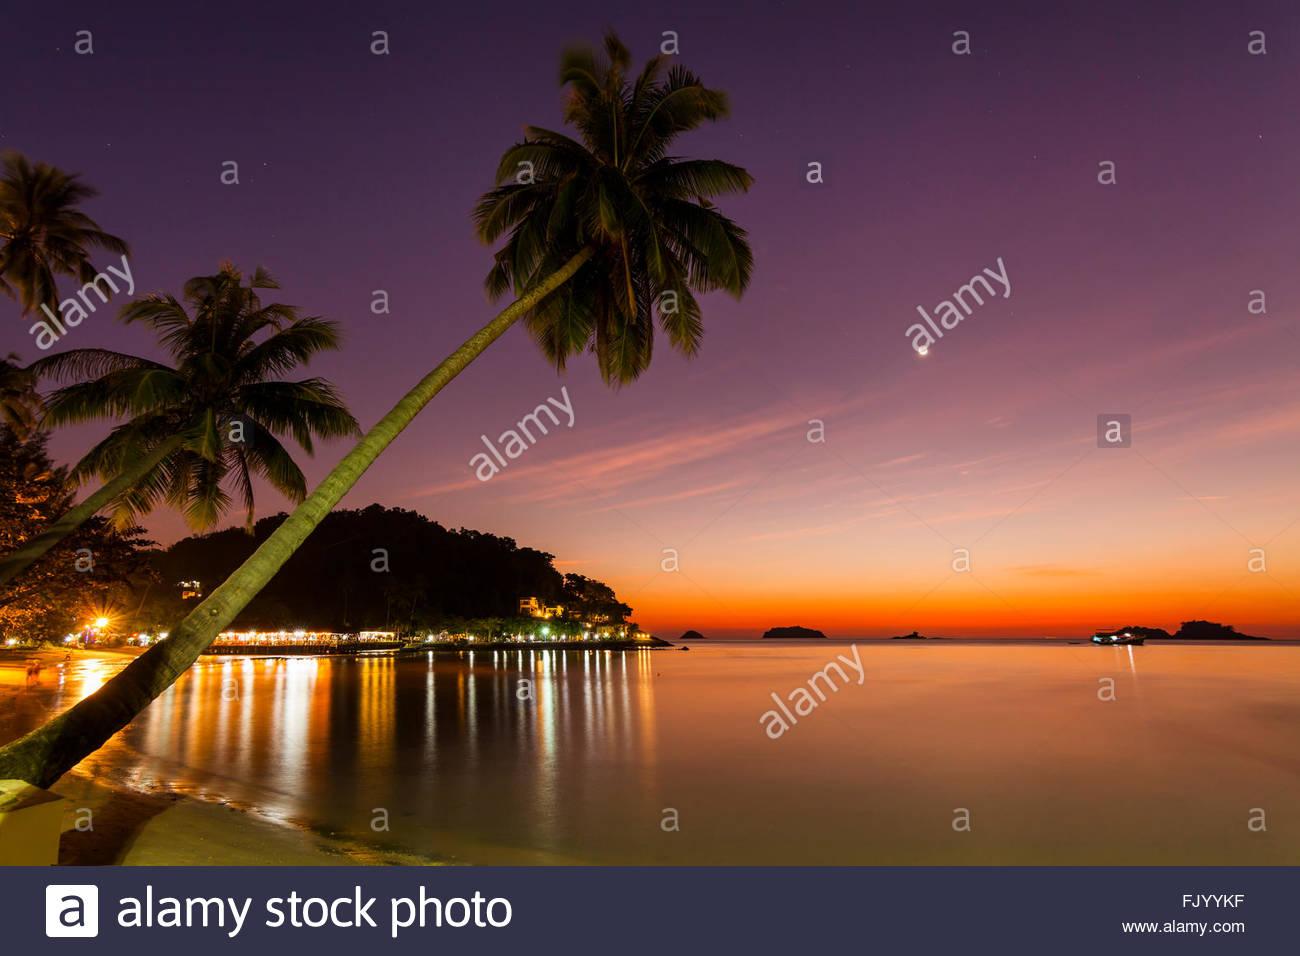 Soirée romantique sur une île tropicale avec l'éclairage de nuit. La Thaïlande. Photo Stock